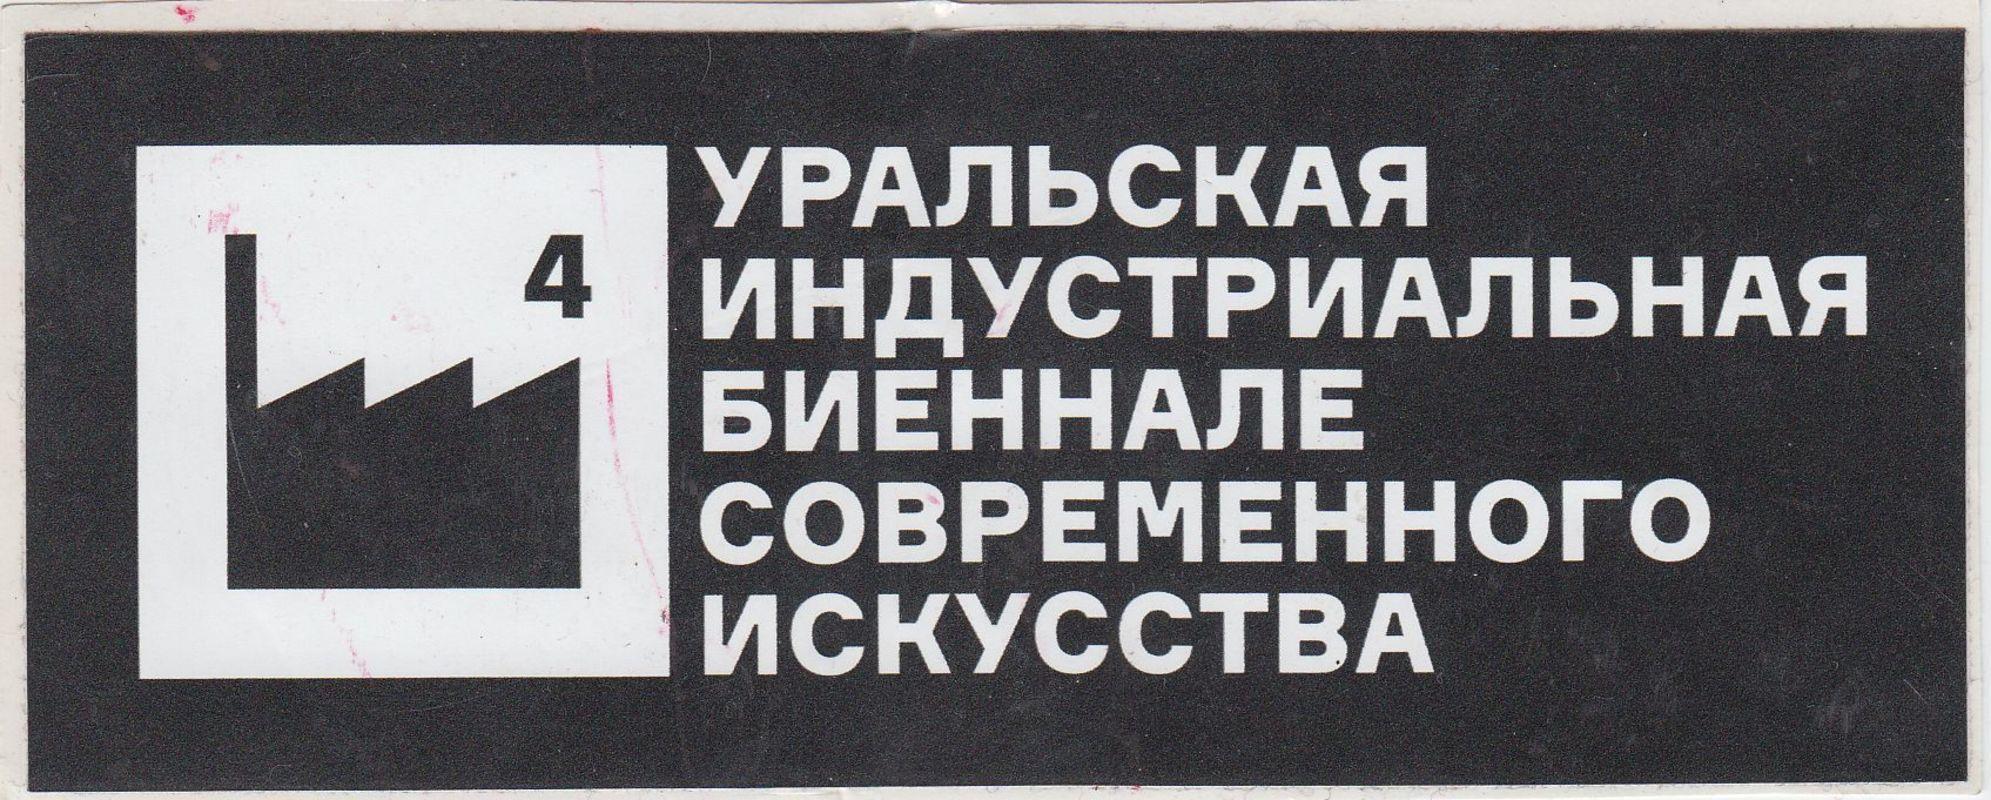 4-я Уральская индустриальная биеннале современного искусства